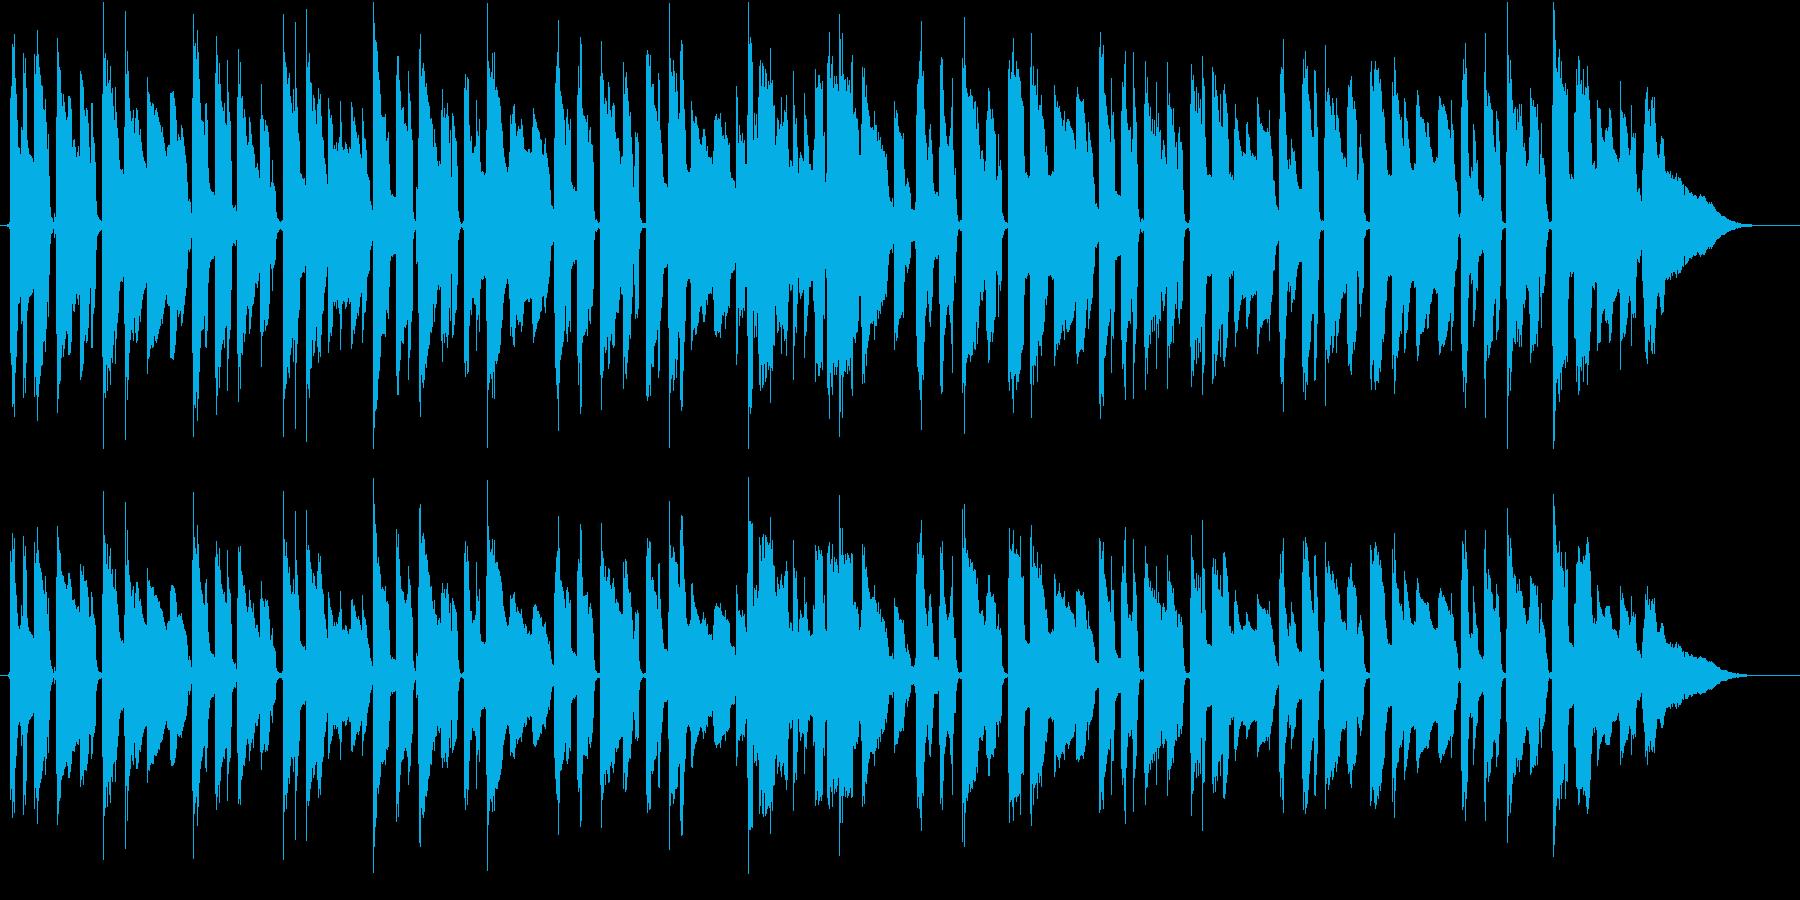 3<Aギター生演奏>優しく語りかけるようの再生済みの波形